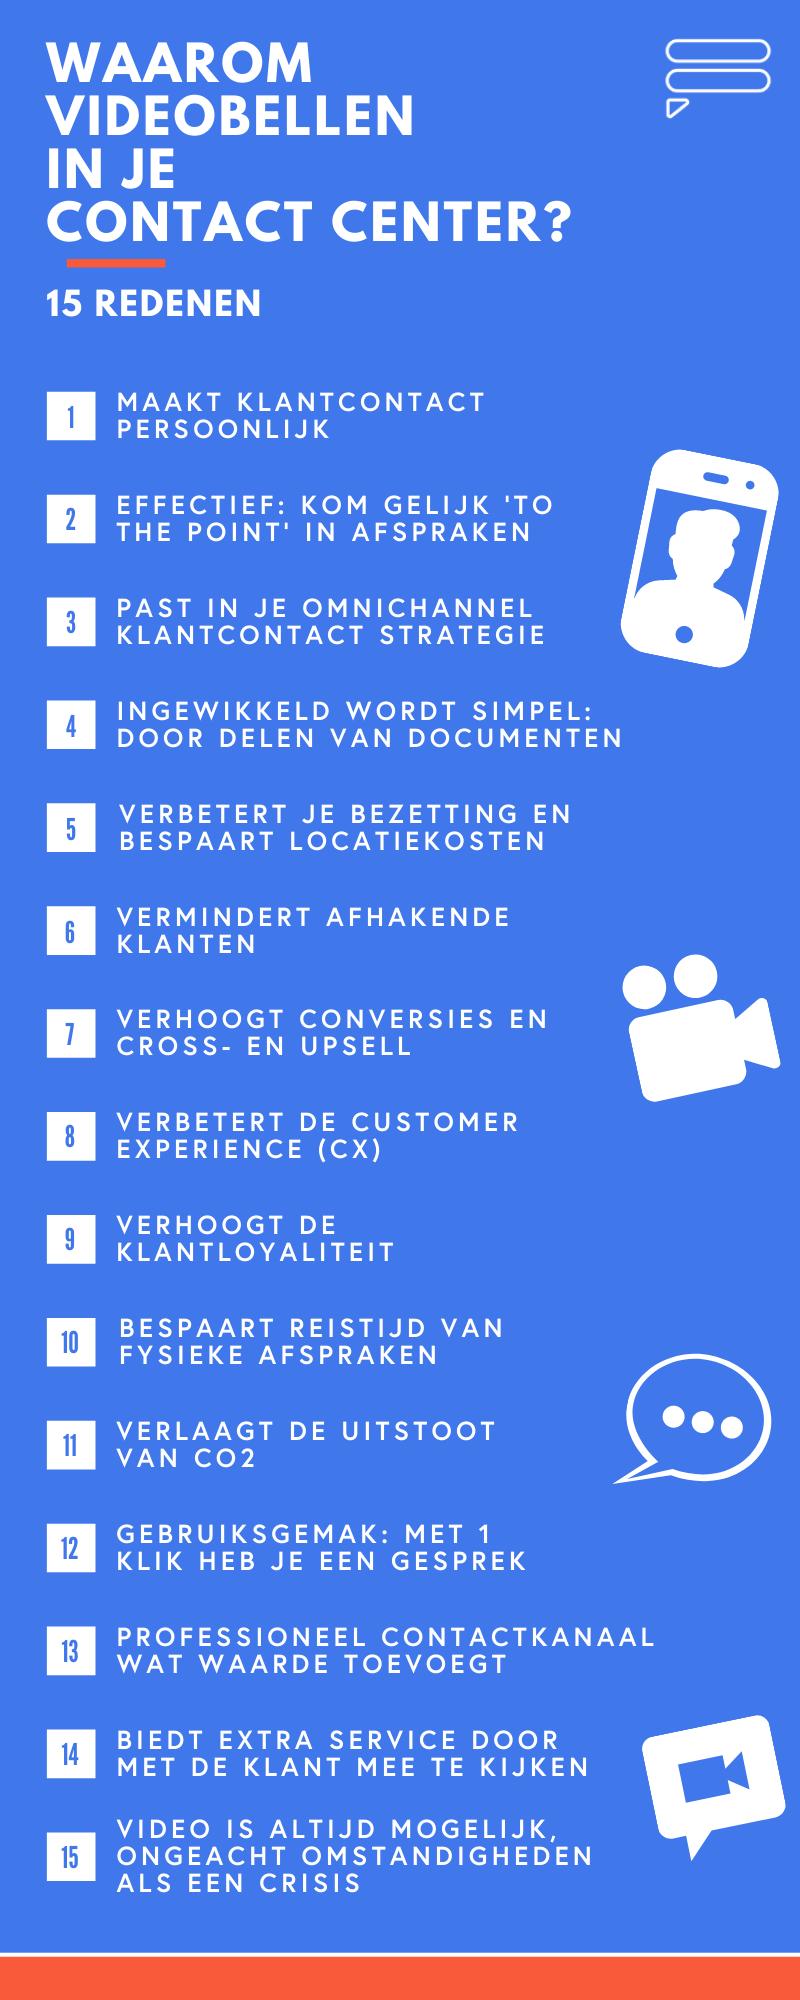 voordelen-videobellen-contact-center